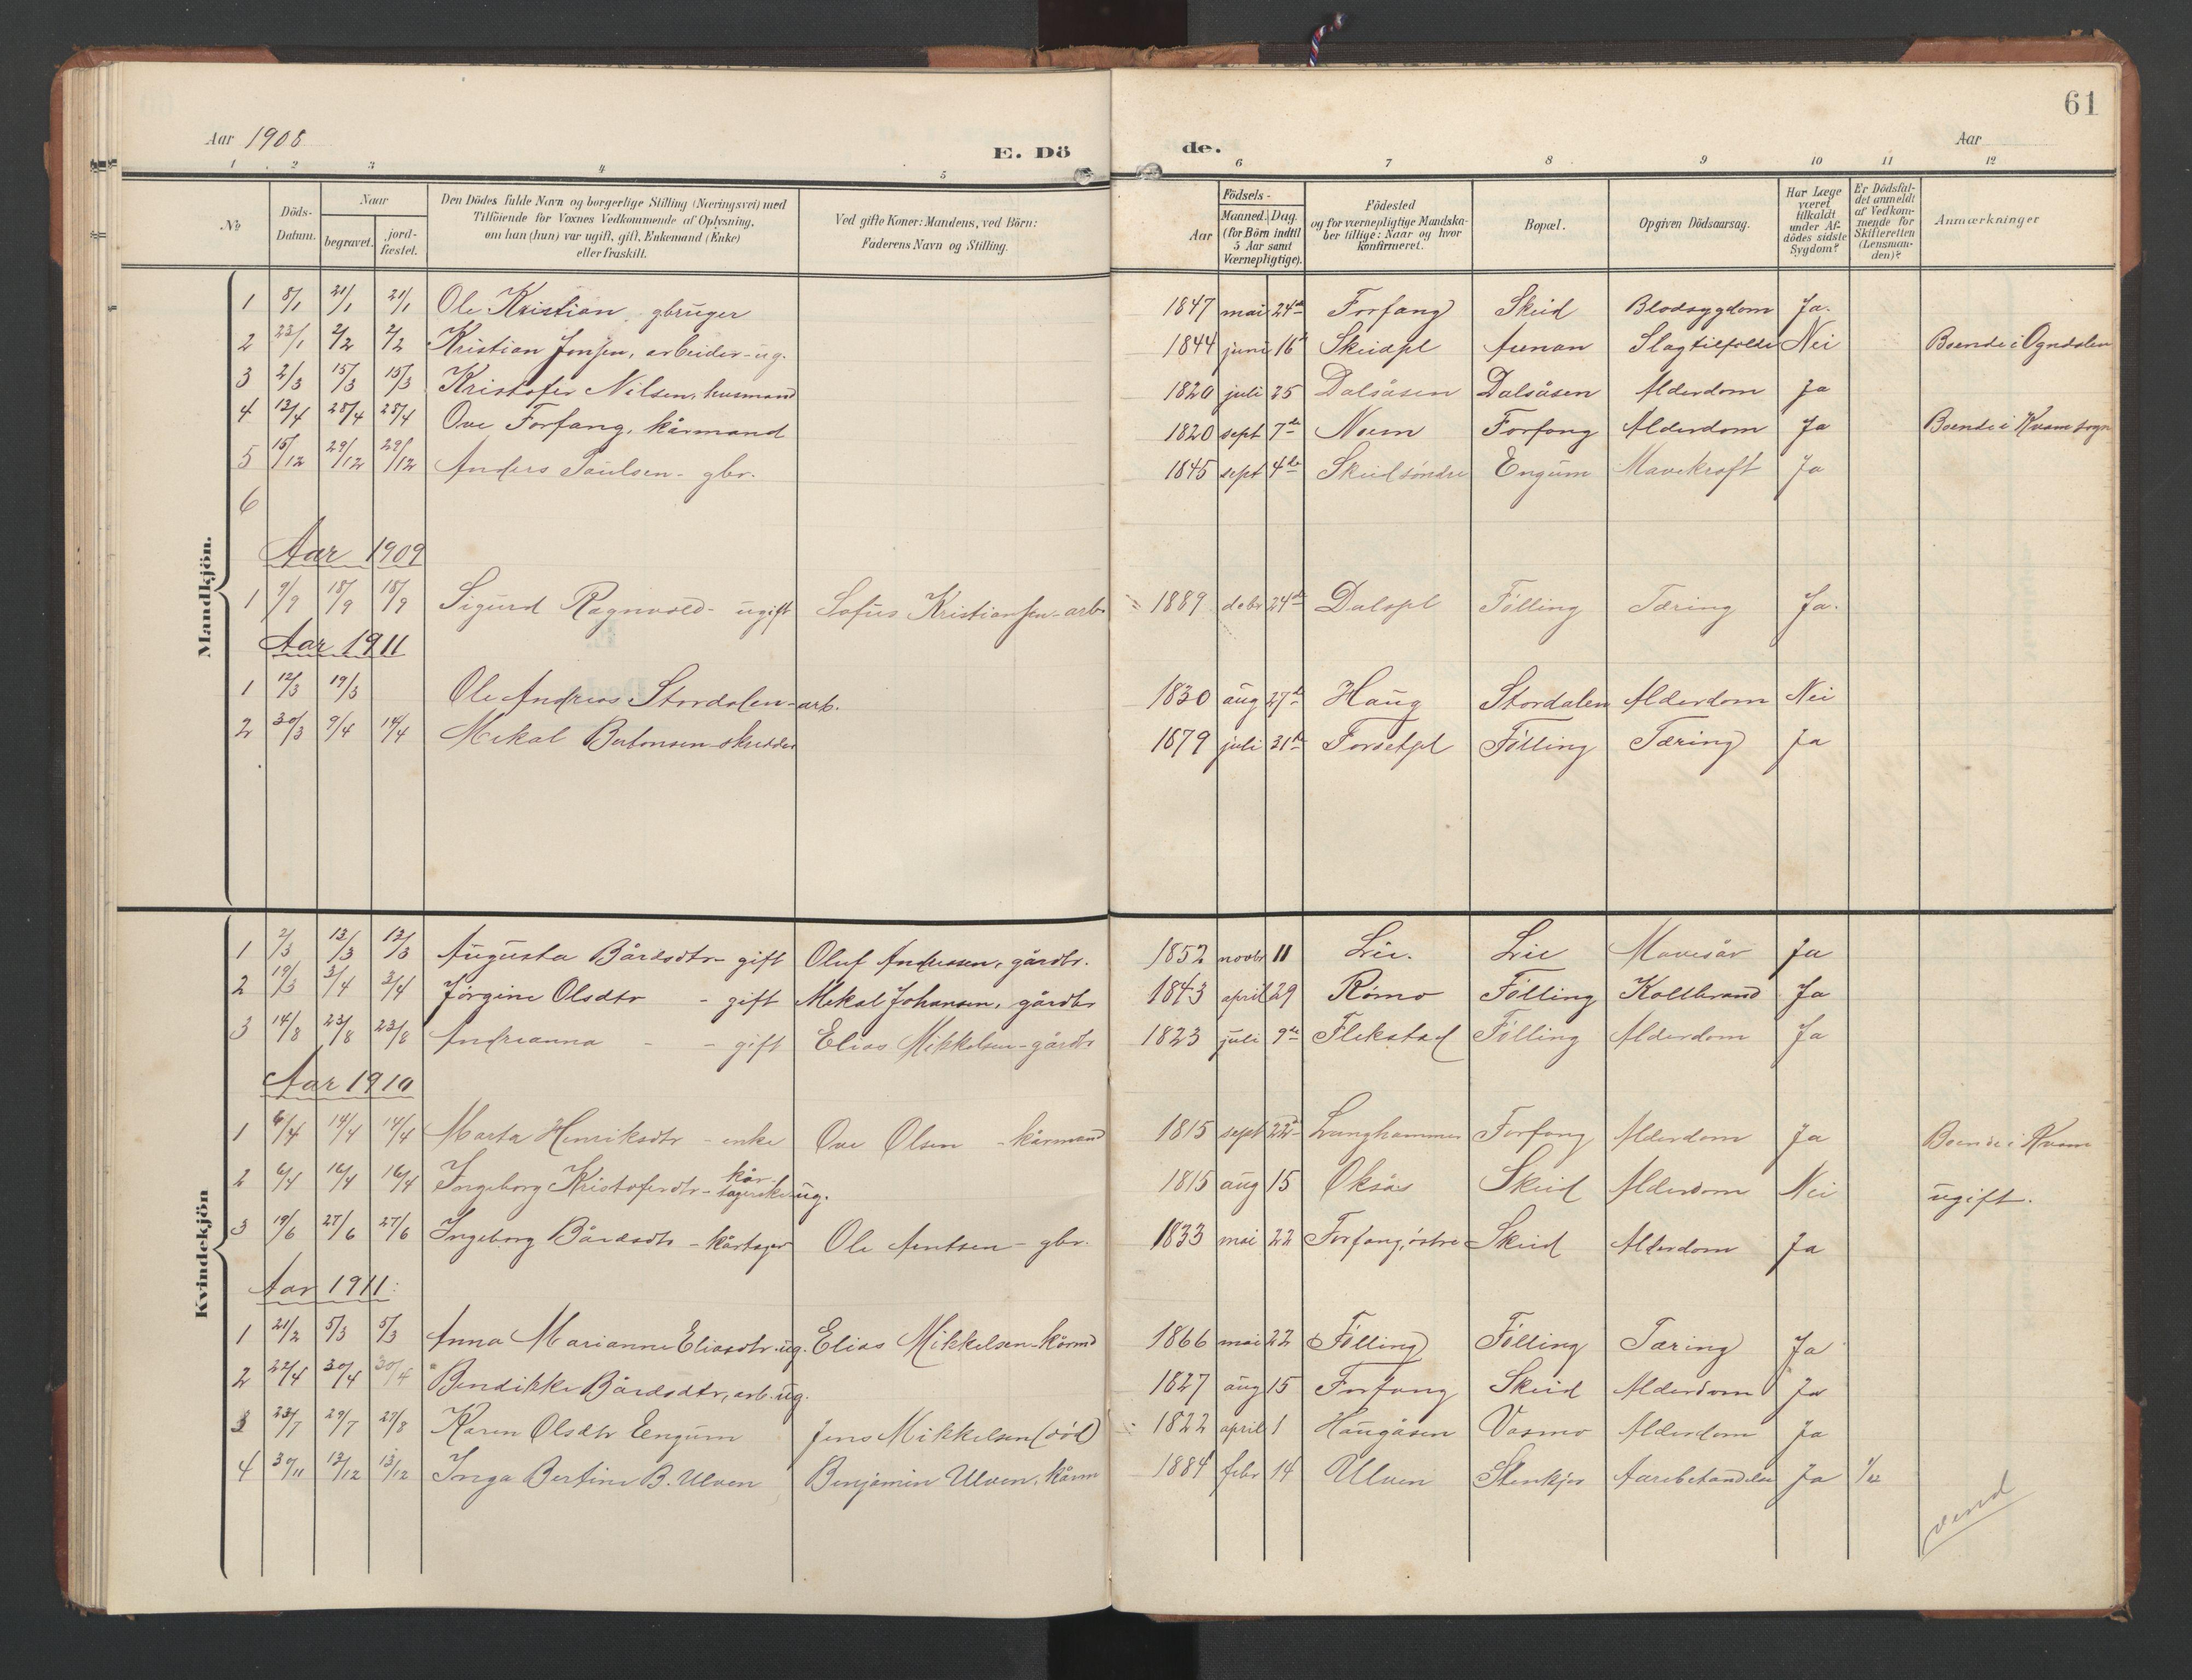 SAT, Ministerialprotokoller, klokkerbøker og fødselsregistre - Nord-Trøndelag, 748/L0465: Klokkerbok nr. 748C01, 1908-1960, s. 61